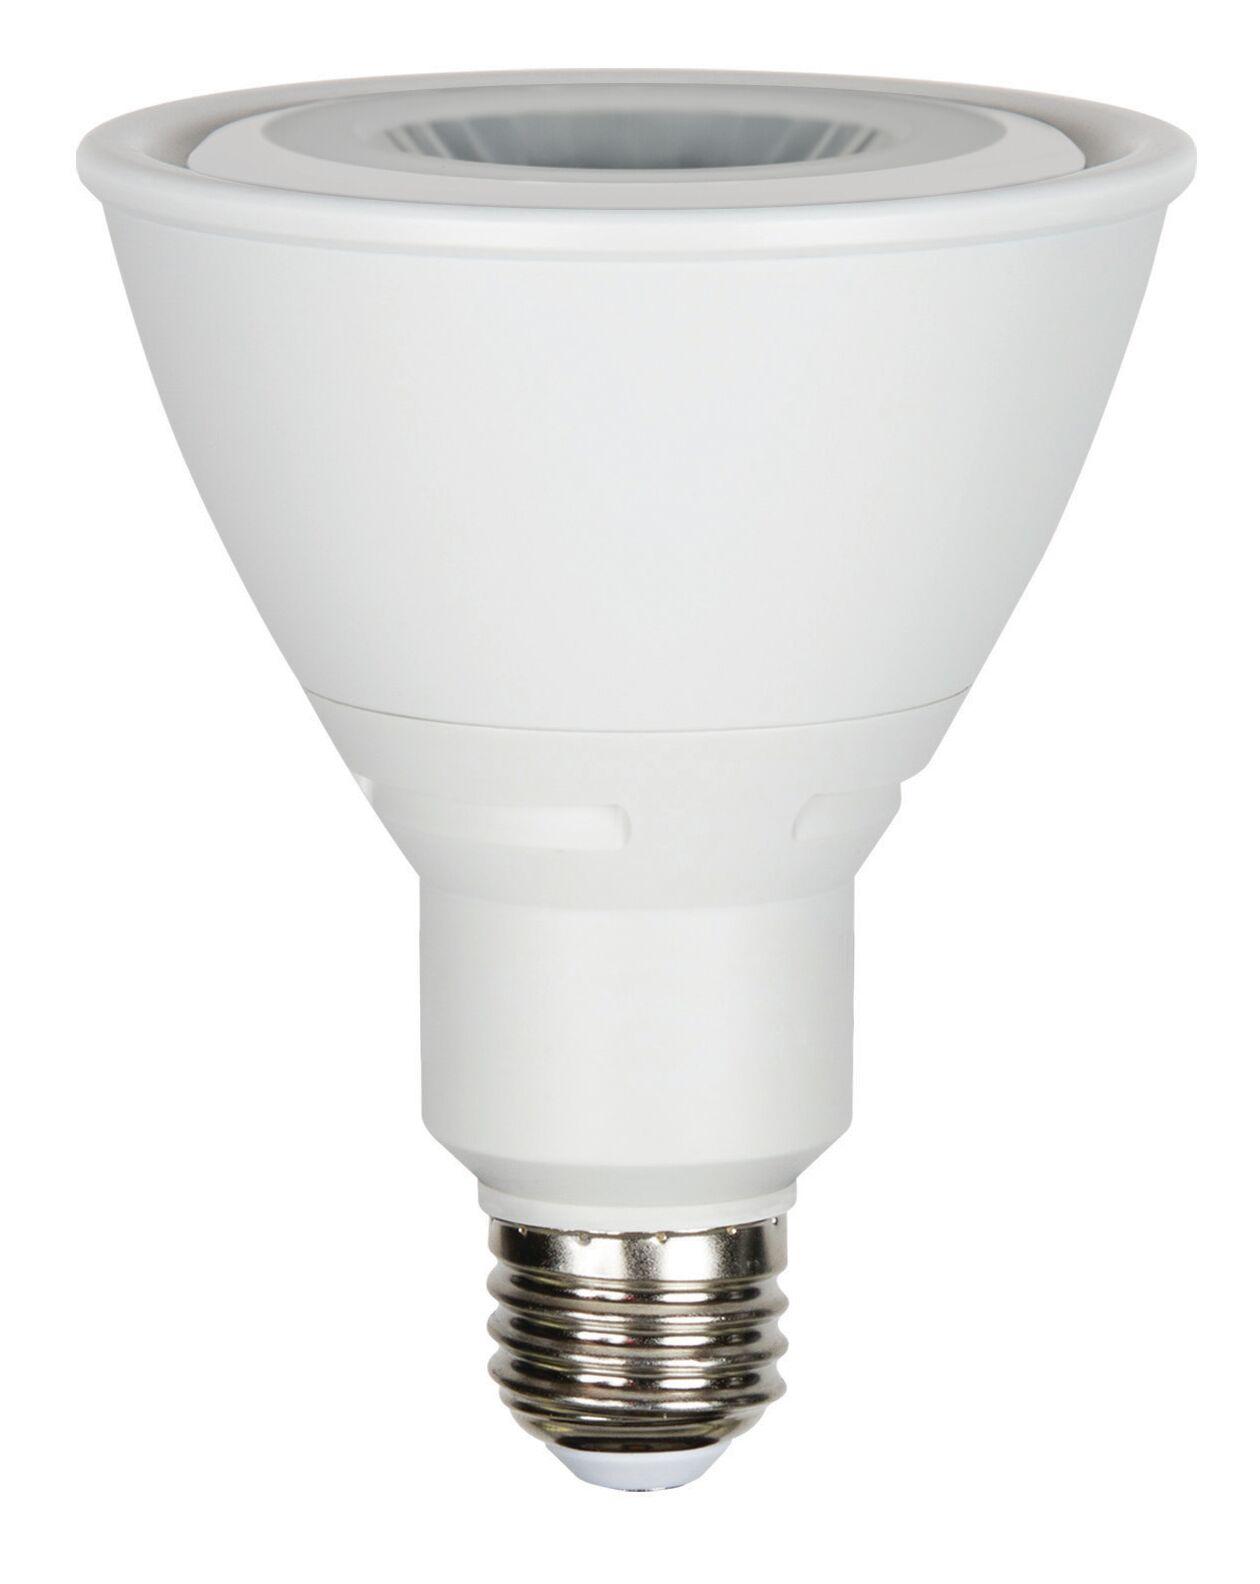 10W E26 LED Light Bulb